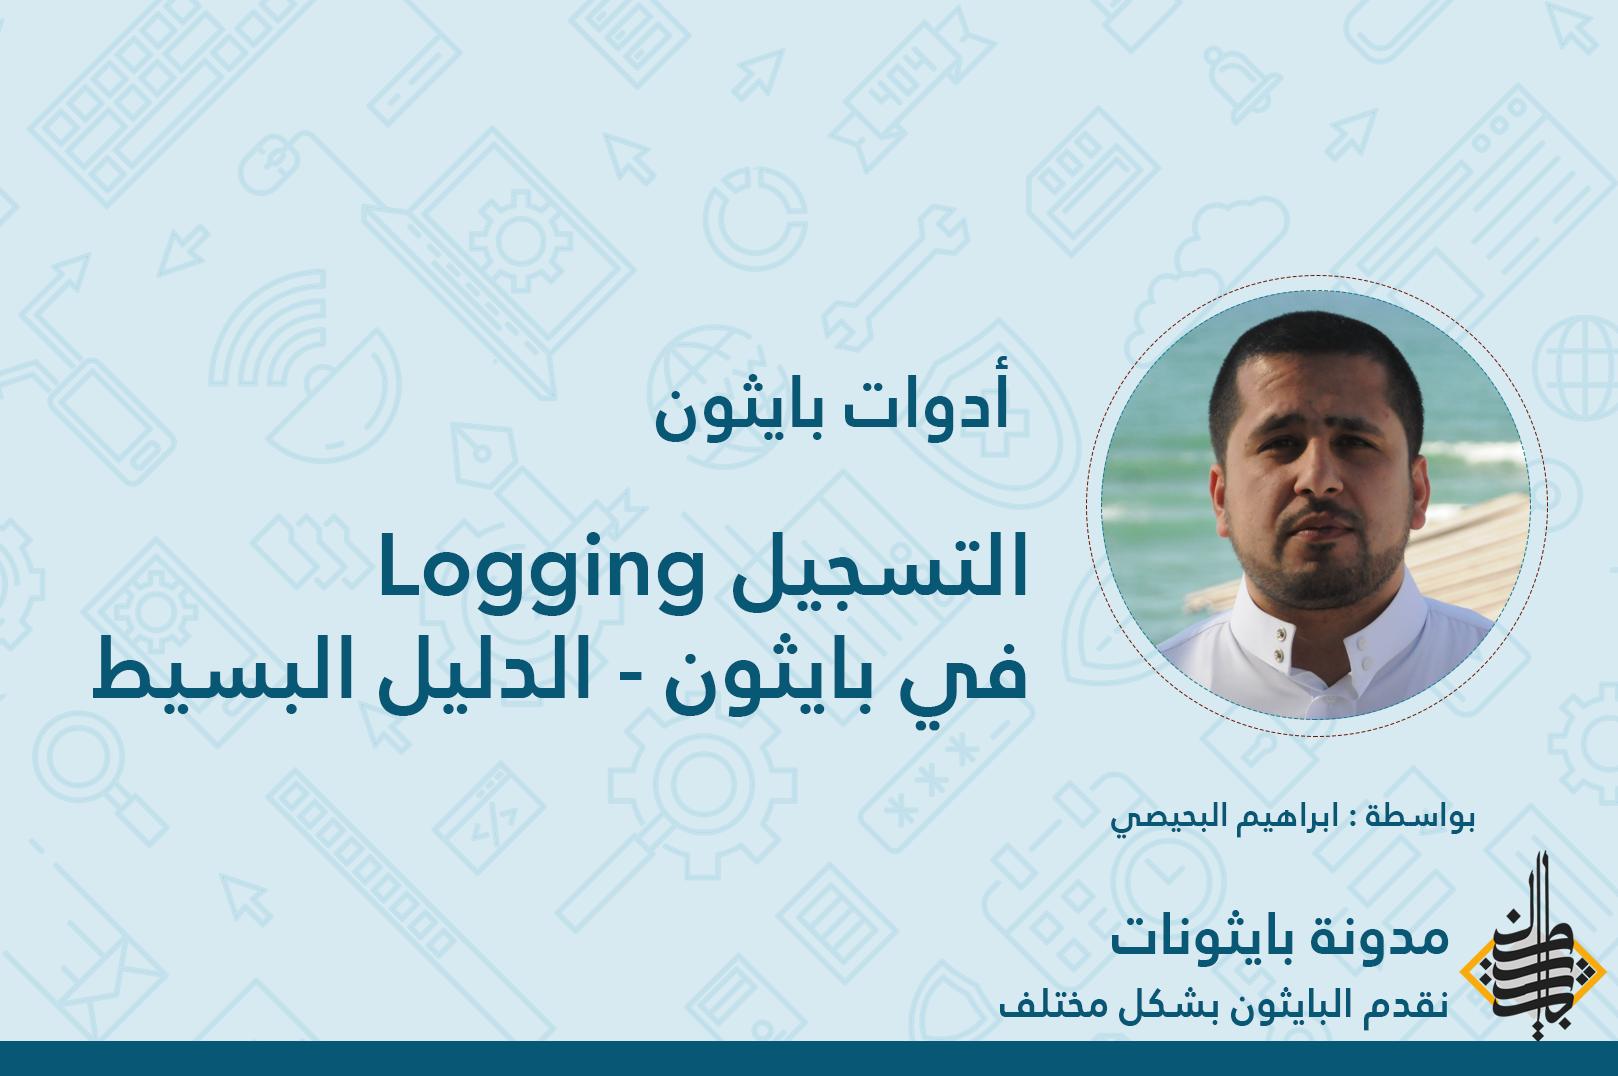 التسجيل Logging في البايثون - الدليل البسيط